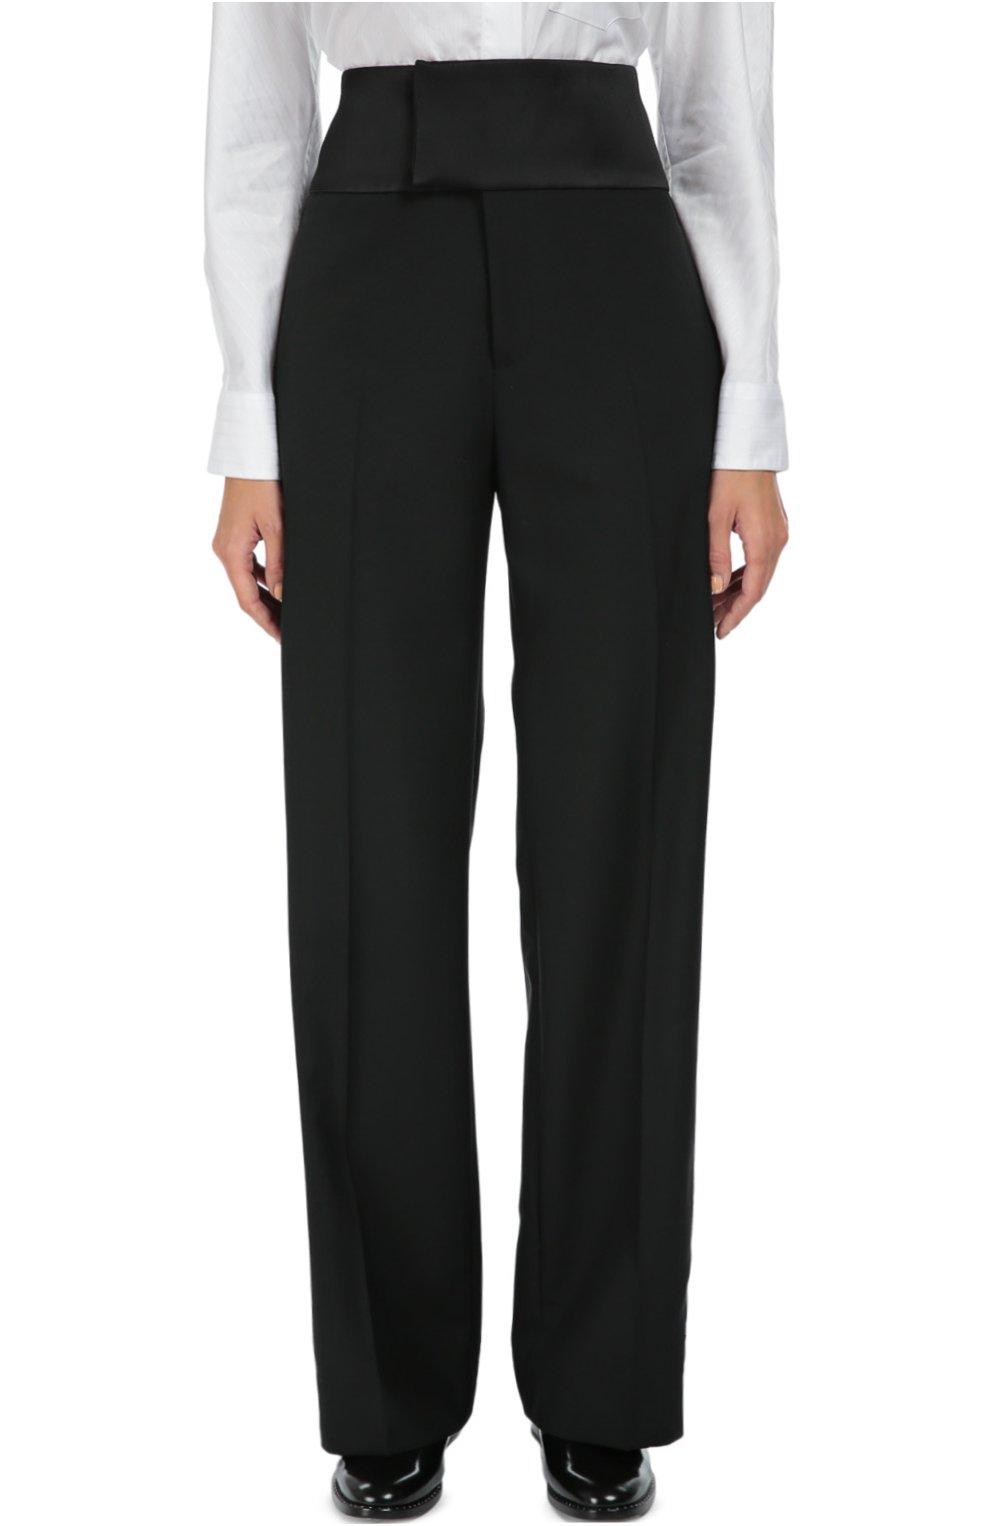 Черные брюки для девочек с доставкой